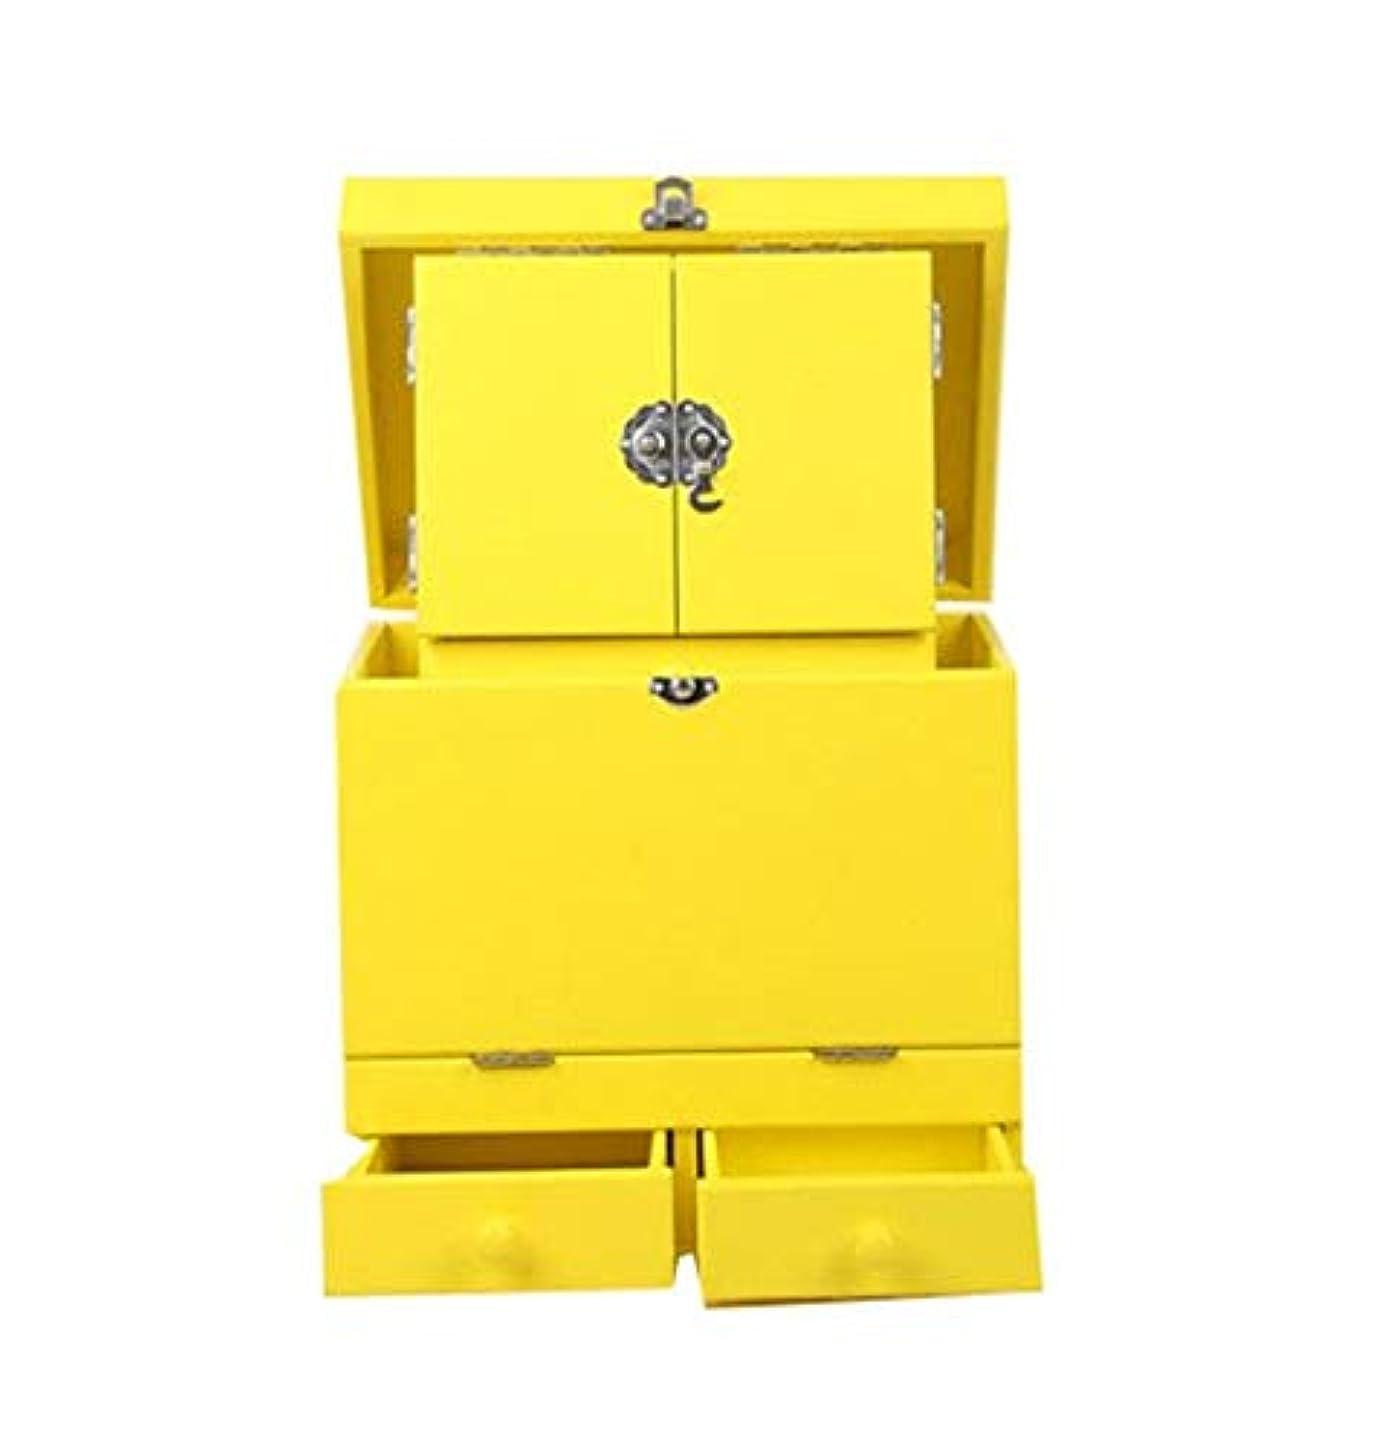 男らしさぐったり豪華な化粧箱、黄色のダブルデッカーヴィンテージ木製彫刻が施された化粧ケース、ミラー、高級ウェディングギフト、新築祝いギフト、美容ネイルジュエリー収納ボックス